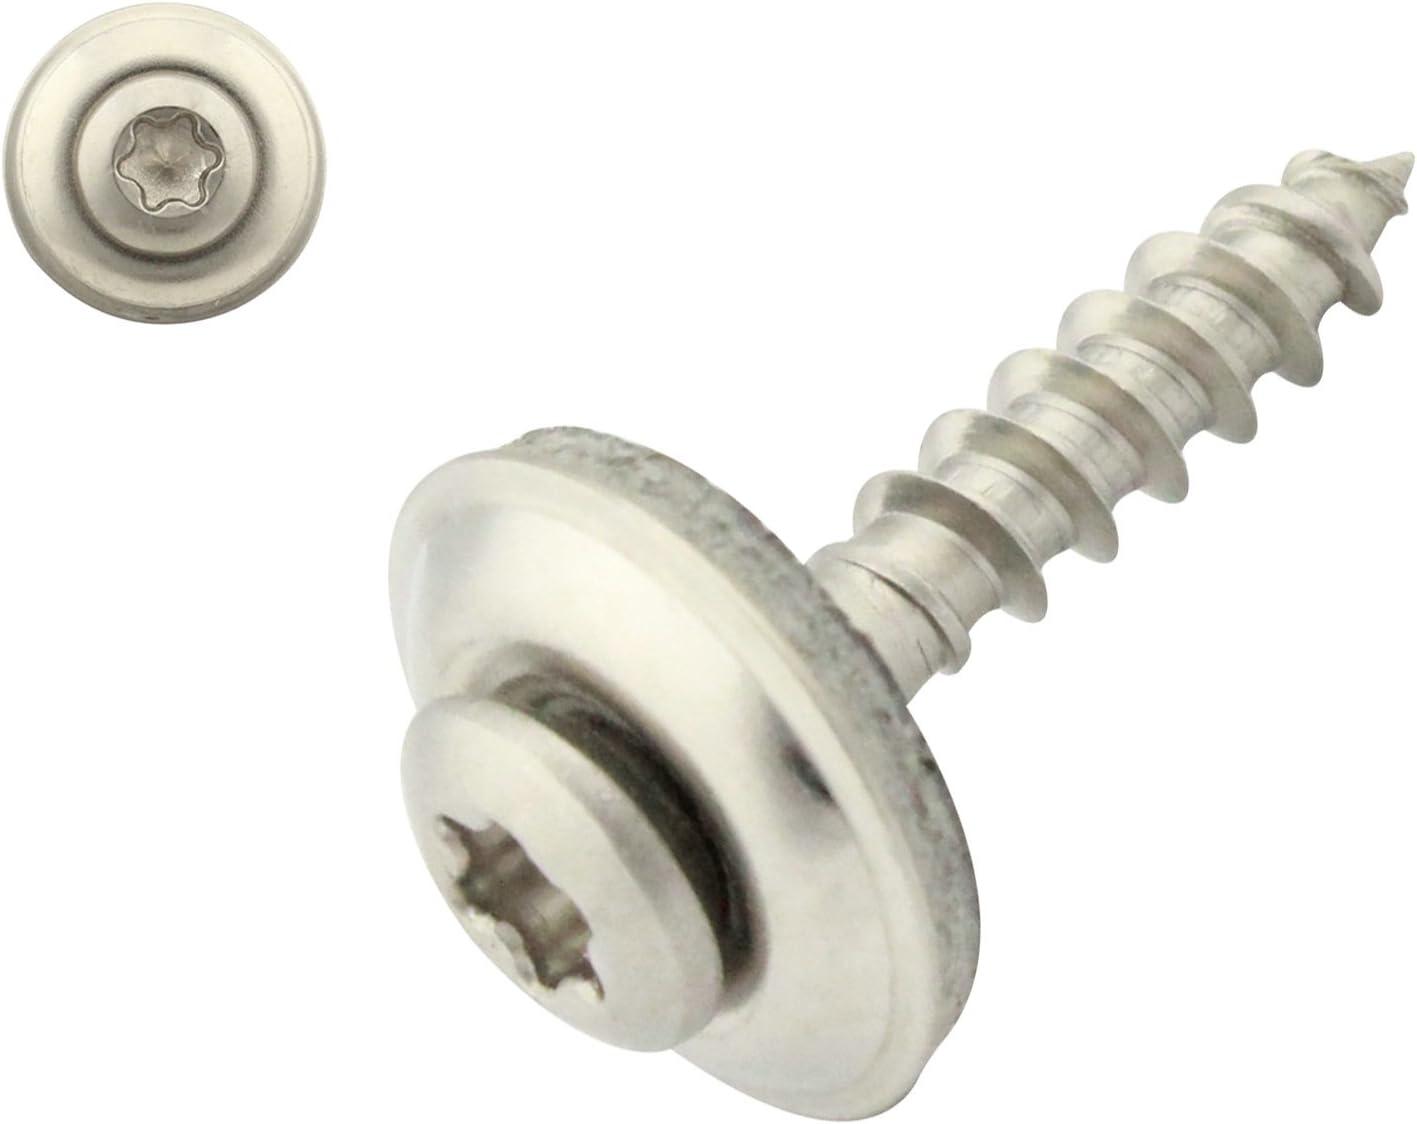 SC-Normteile/® Innensechsrund TX 40 St/ück Spenglerschrauben mit EPDM Dichtscheibe 4,5x30 mm DIN7995 Edelstahl A2 V2A 15 mm